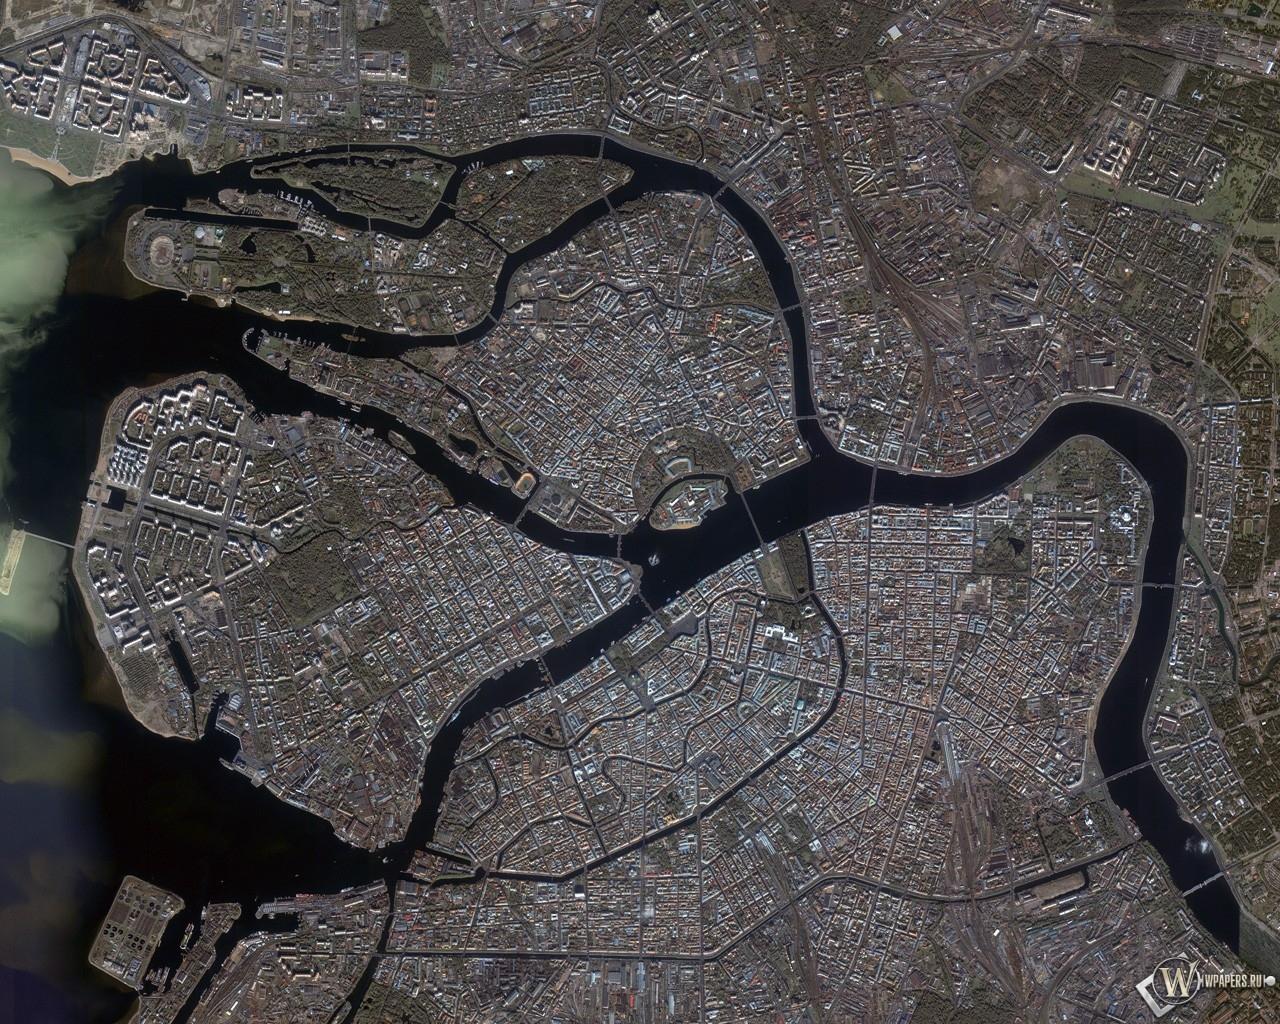 Питер Город со спутника 1280x1024